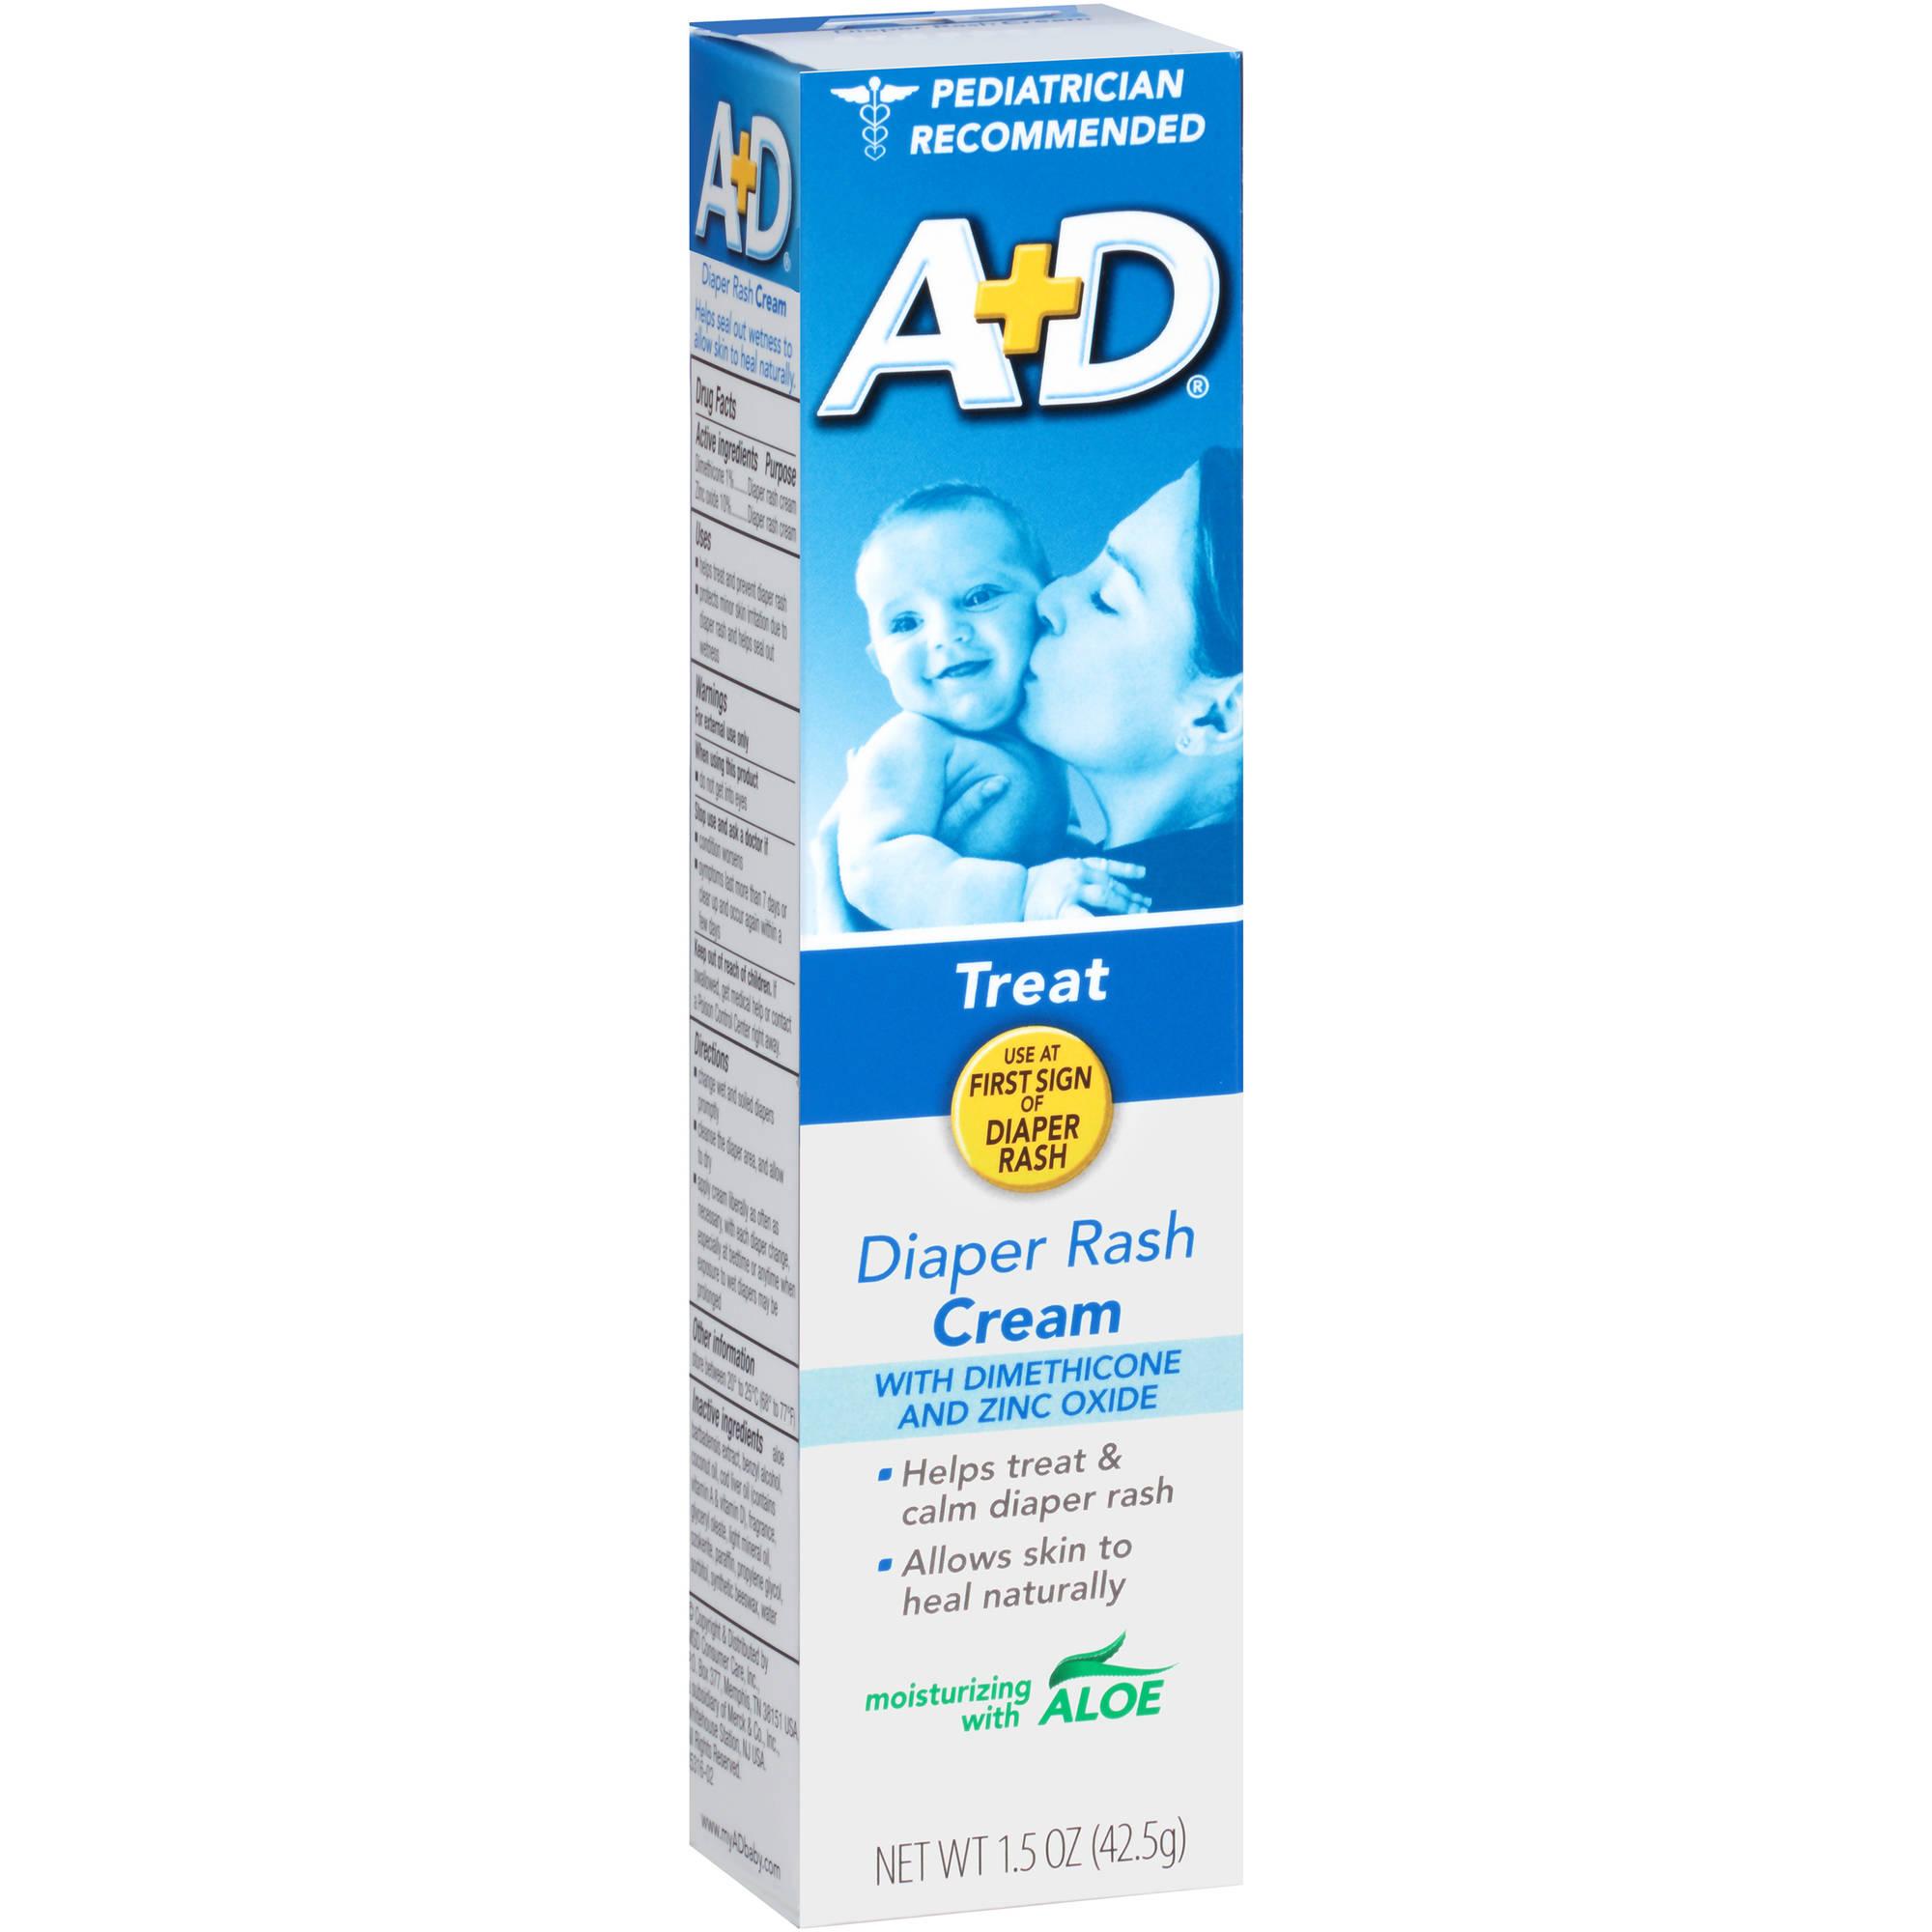 A+D Diaper Rash Cream with Dimethicone and Zinc Oxide, 1.5 oz